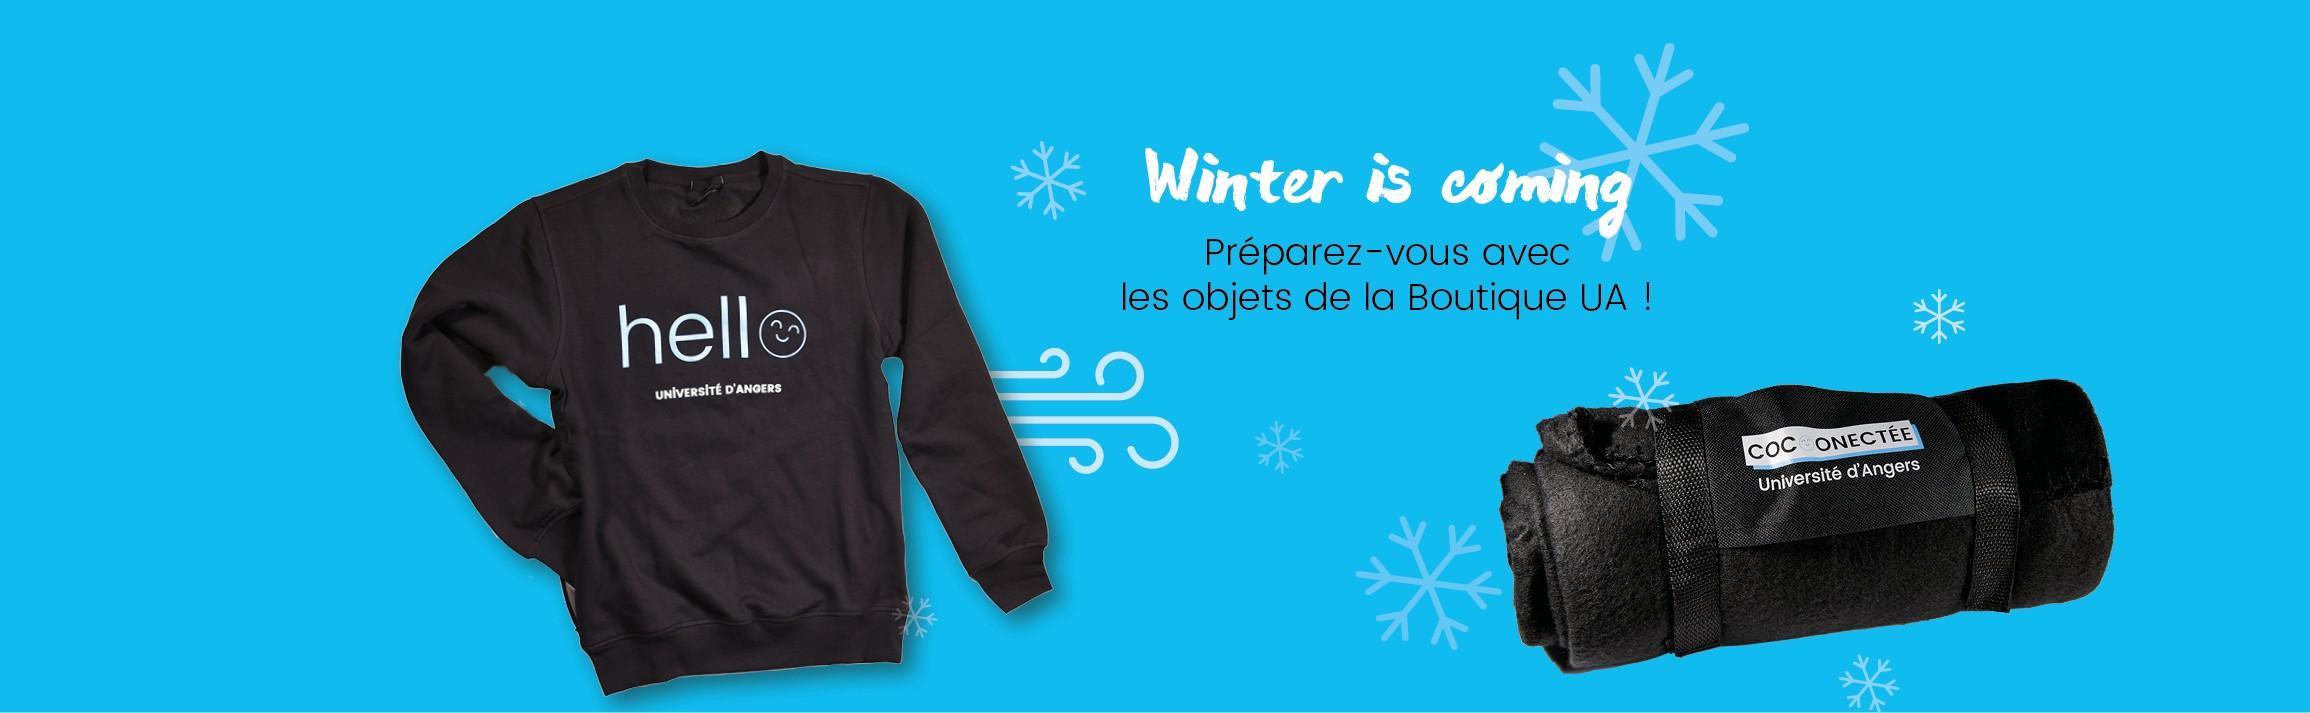 L'hiver arrive, équipez-vous !